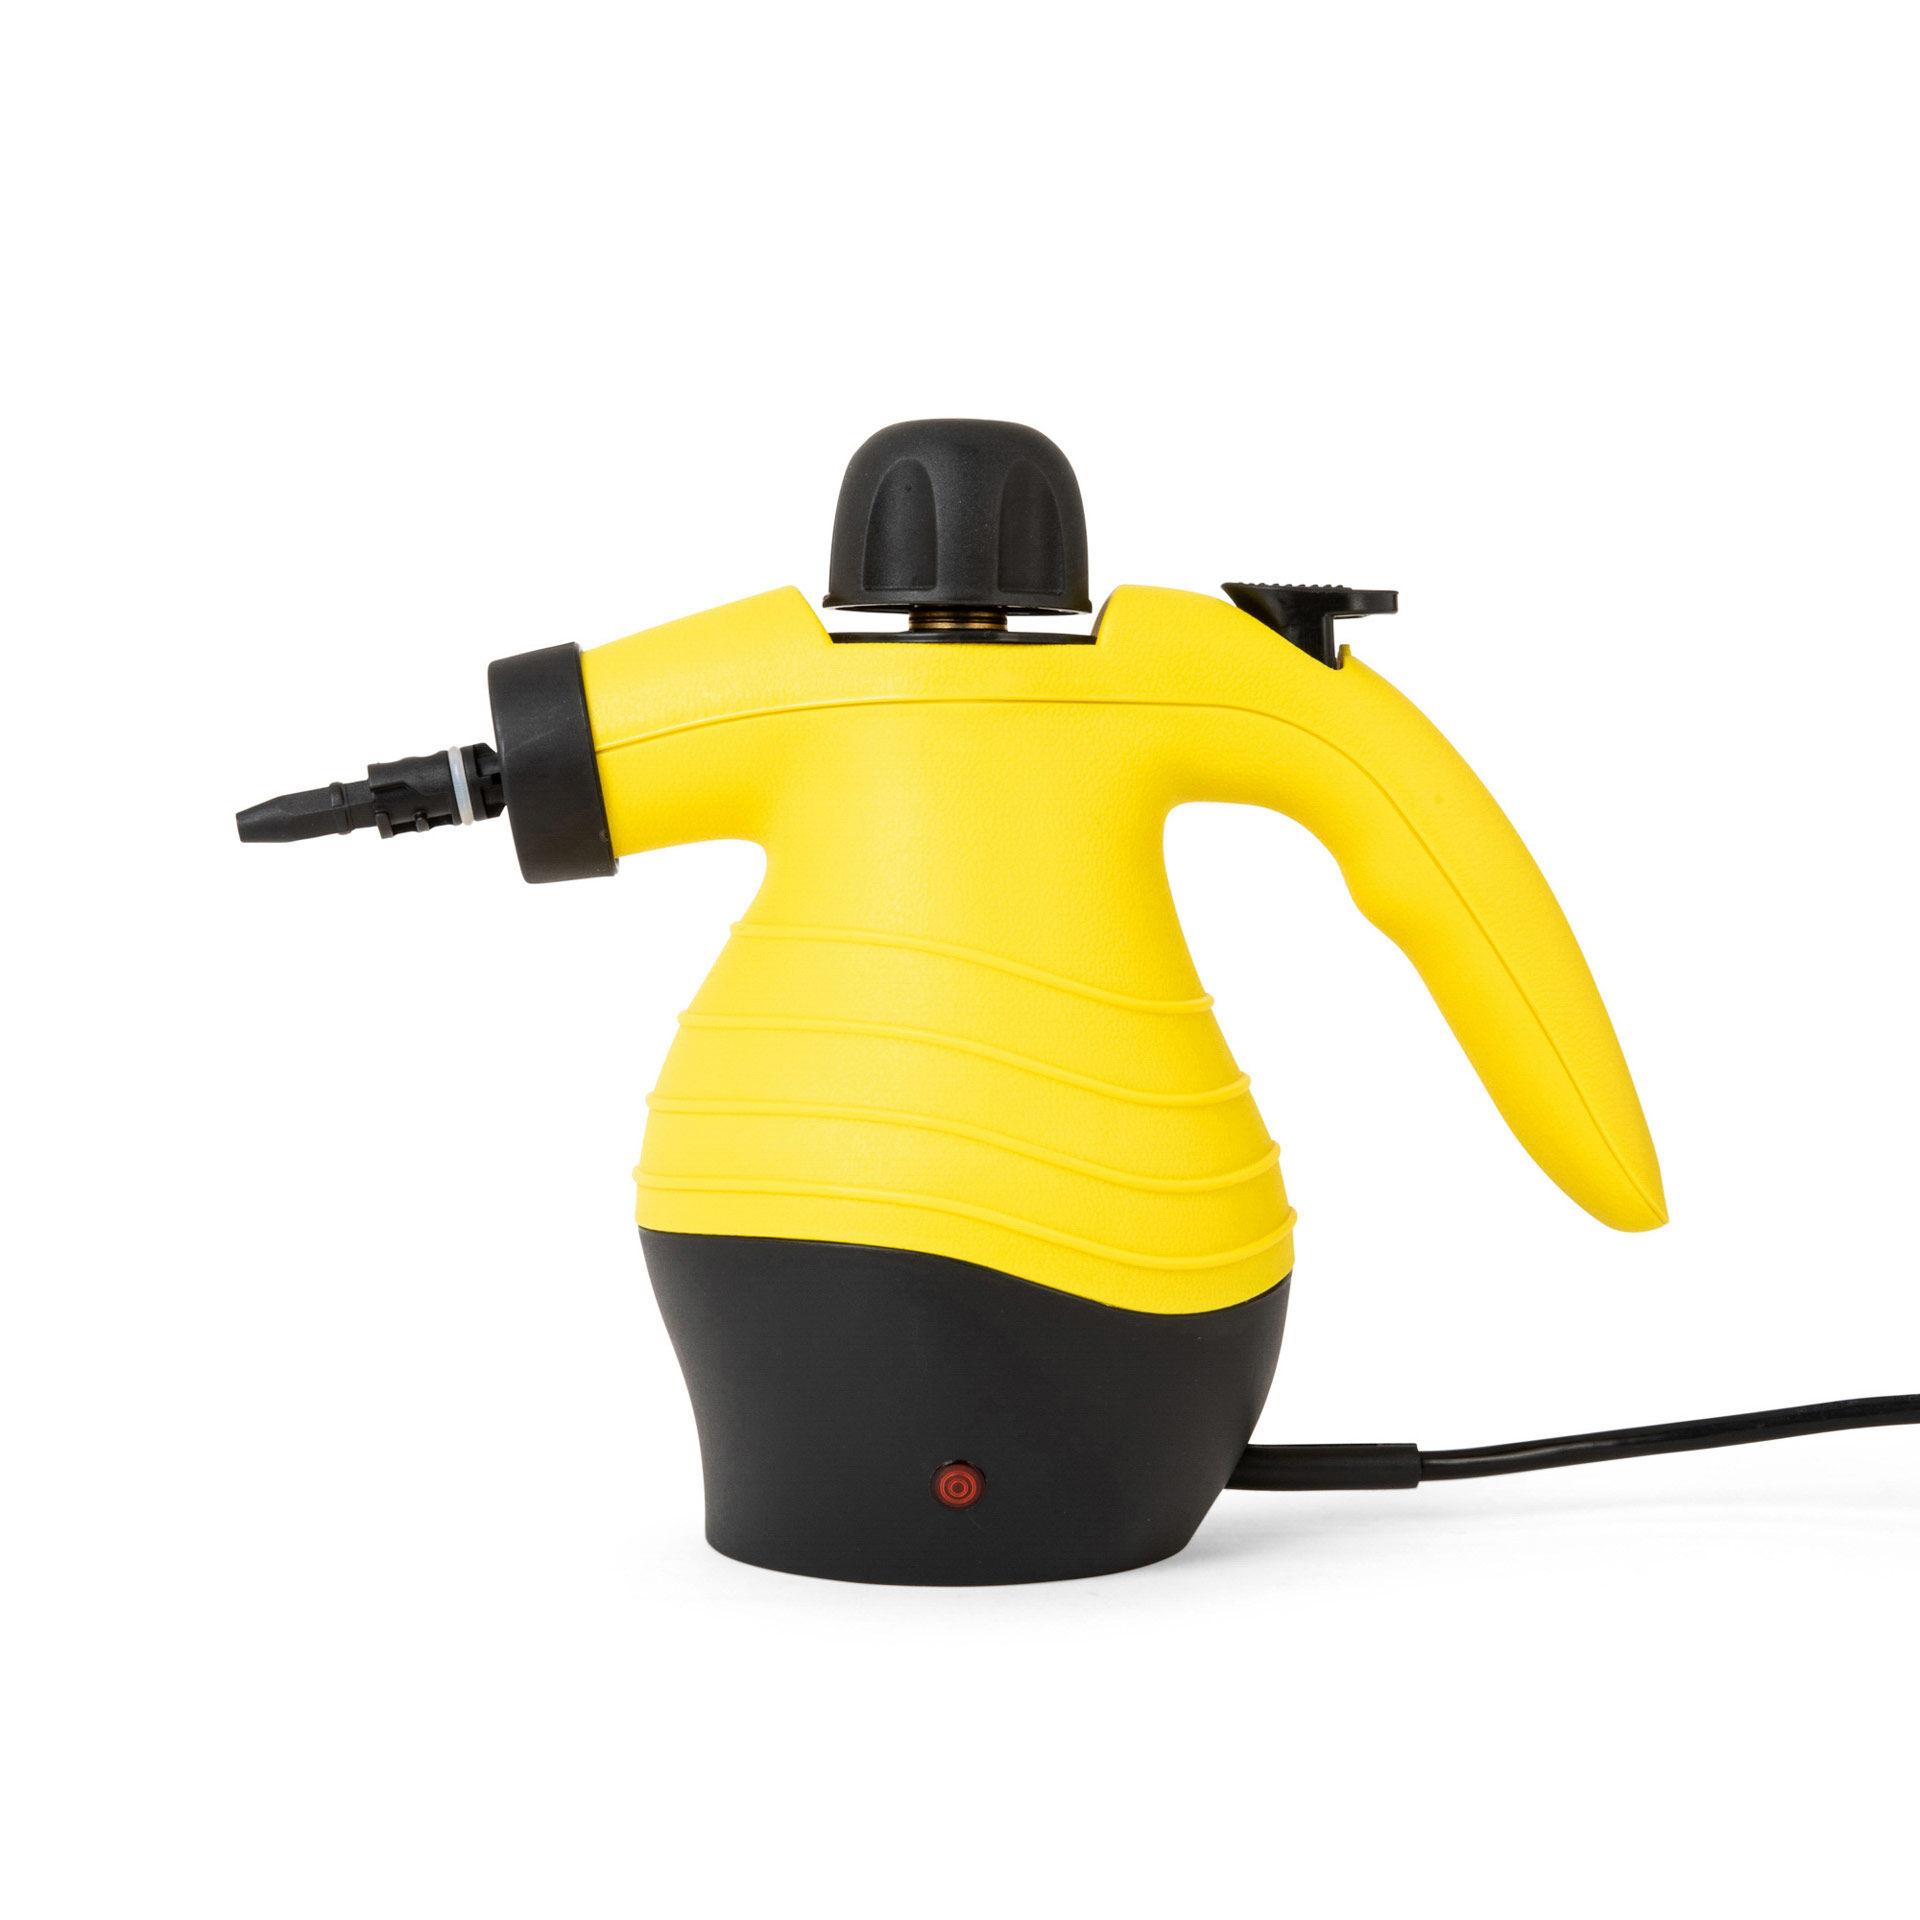 Nettoyeur vapeur multifonction portable, , large